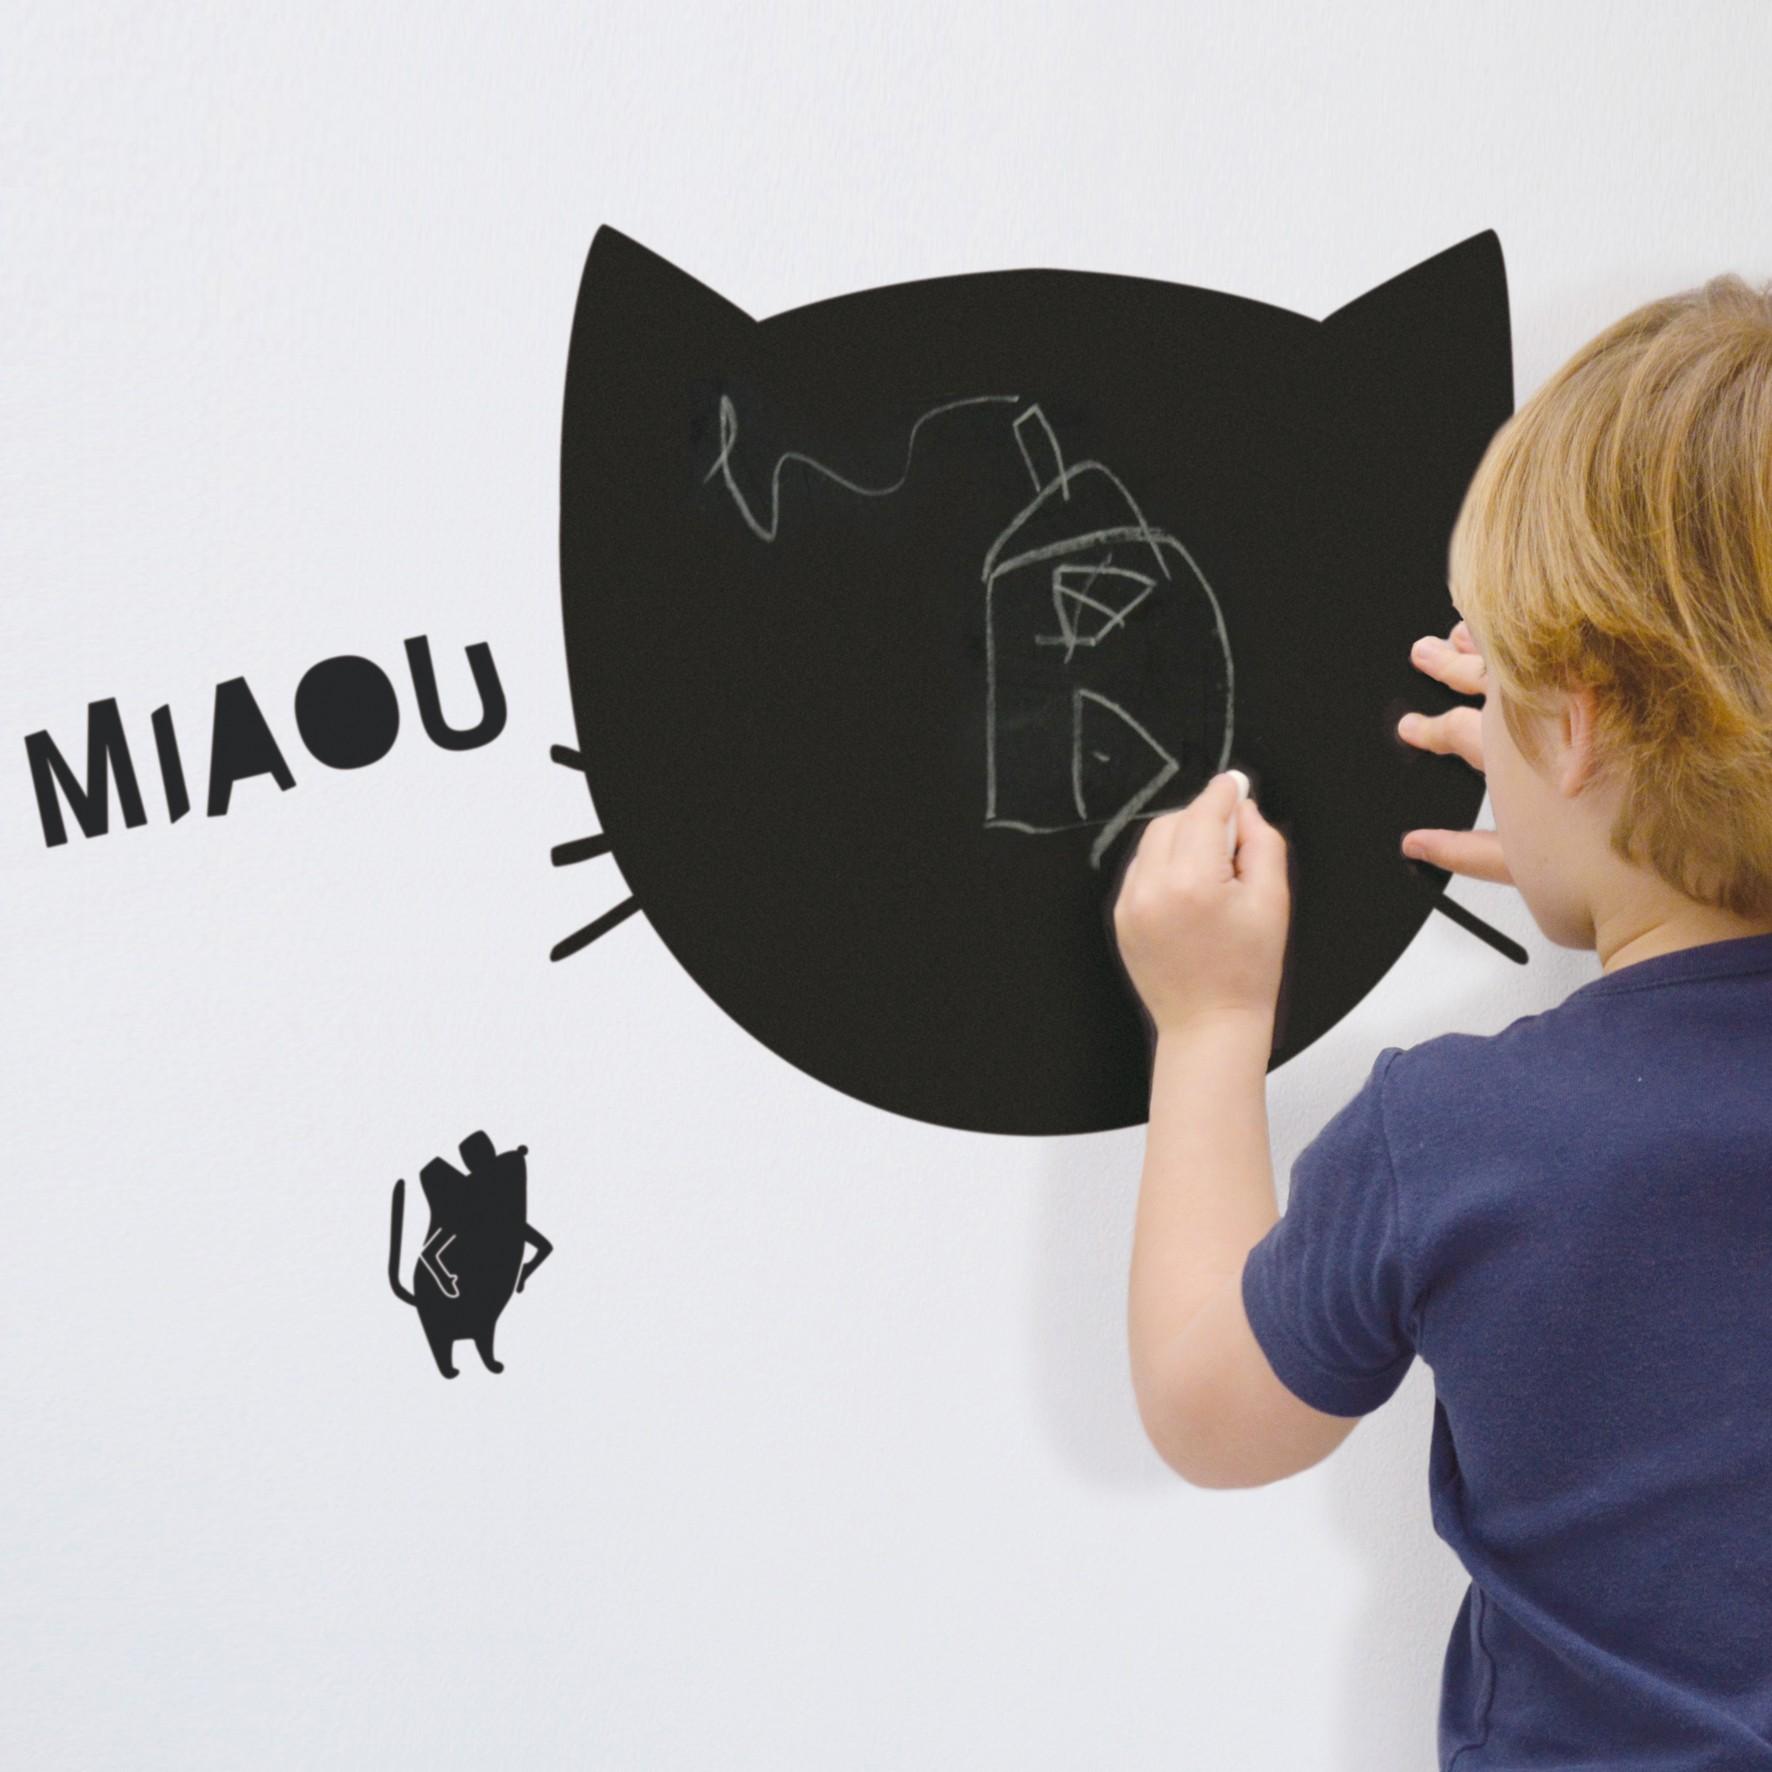 Comment Coller De L Ardoise sticker ardoise - miaou - mimi'lou shop